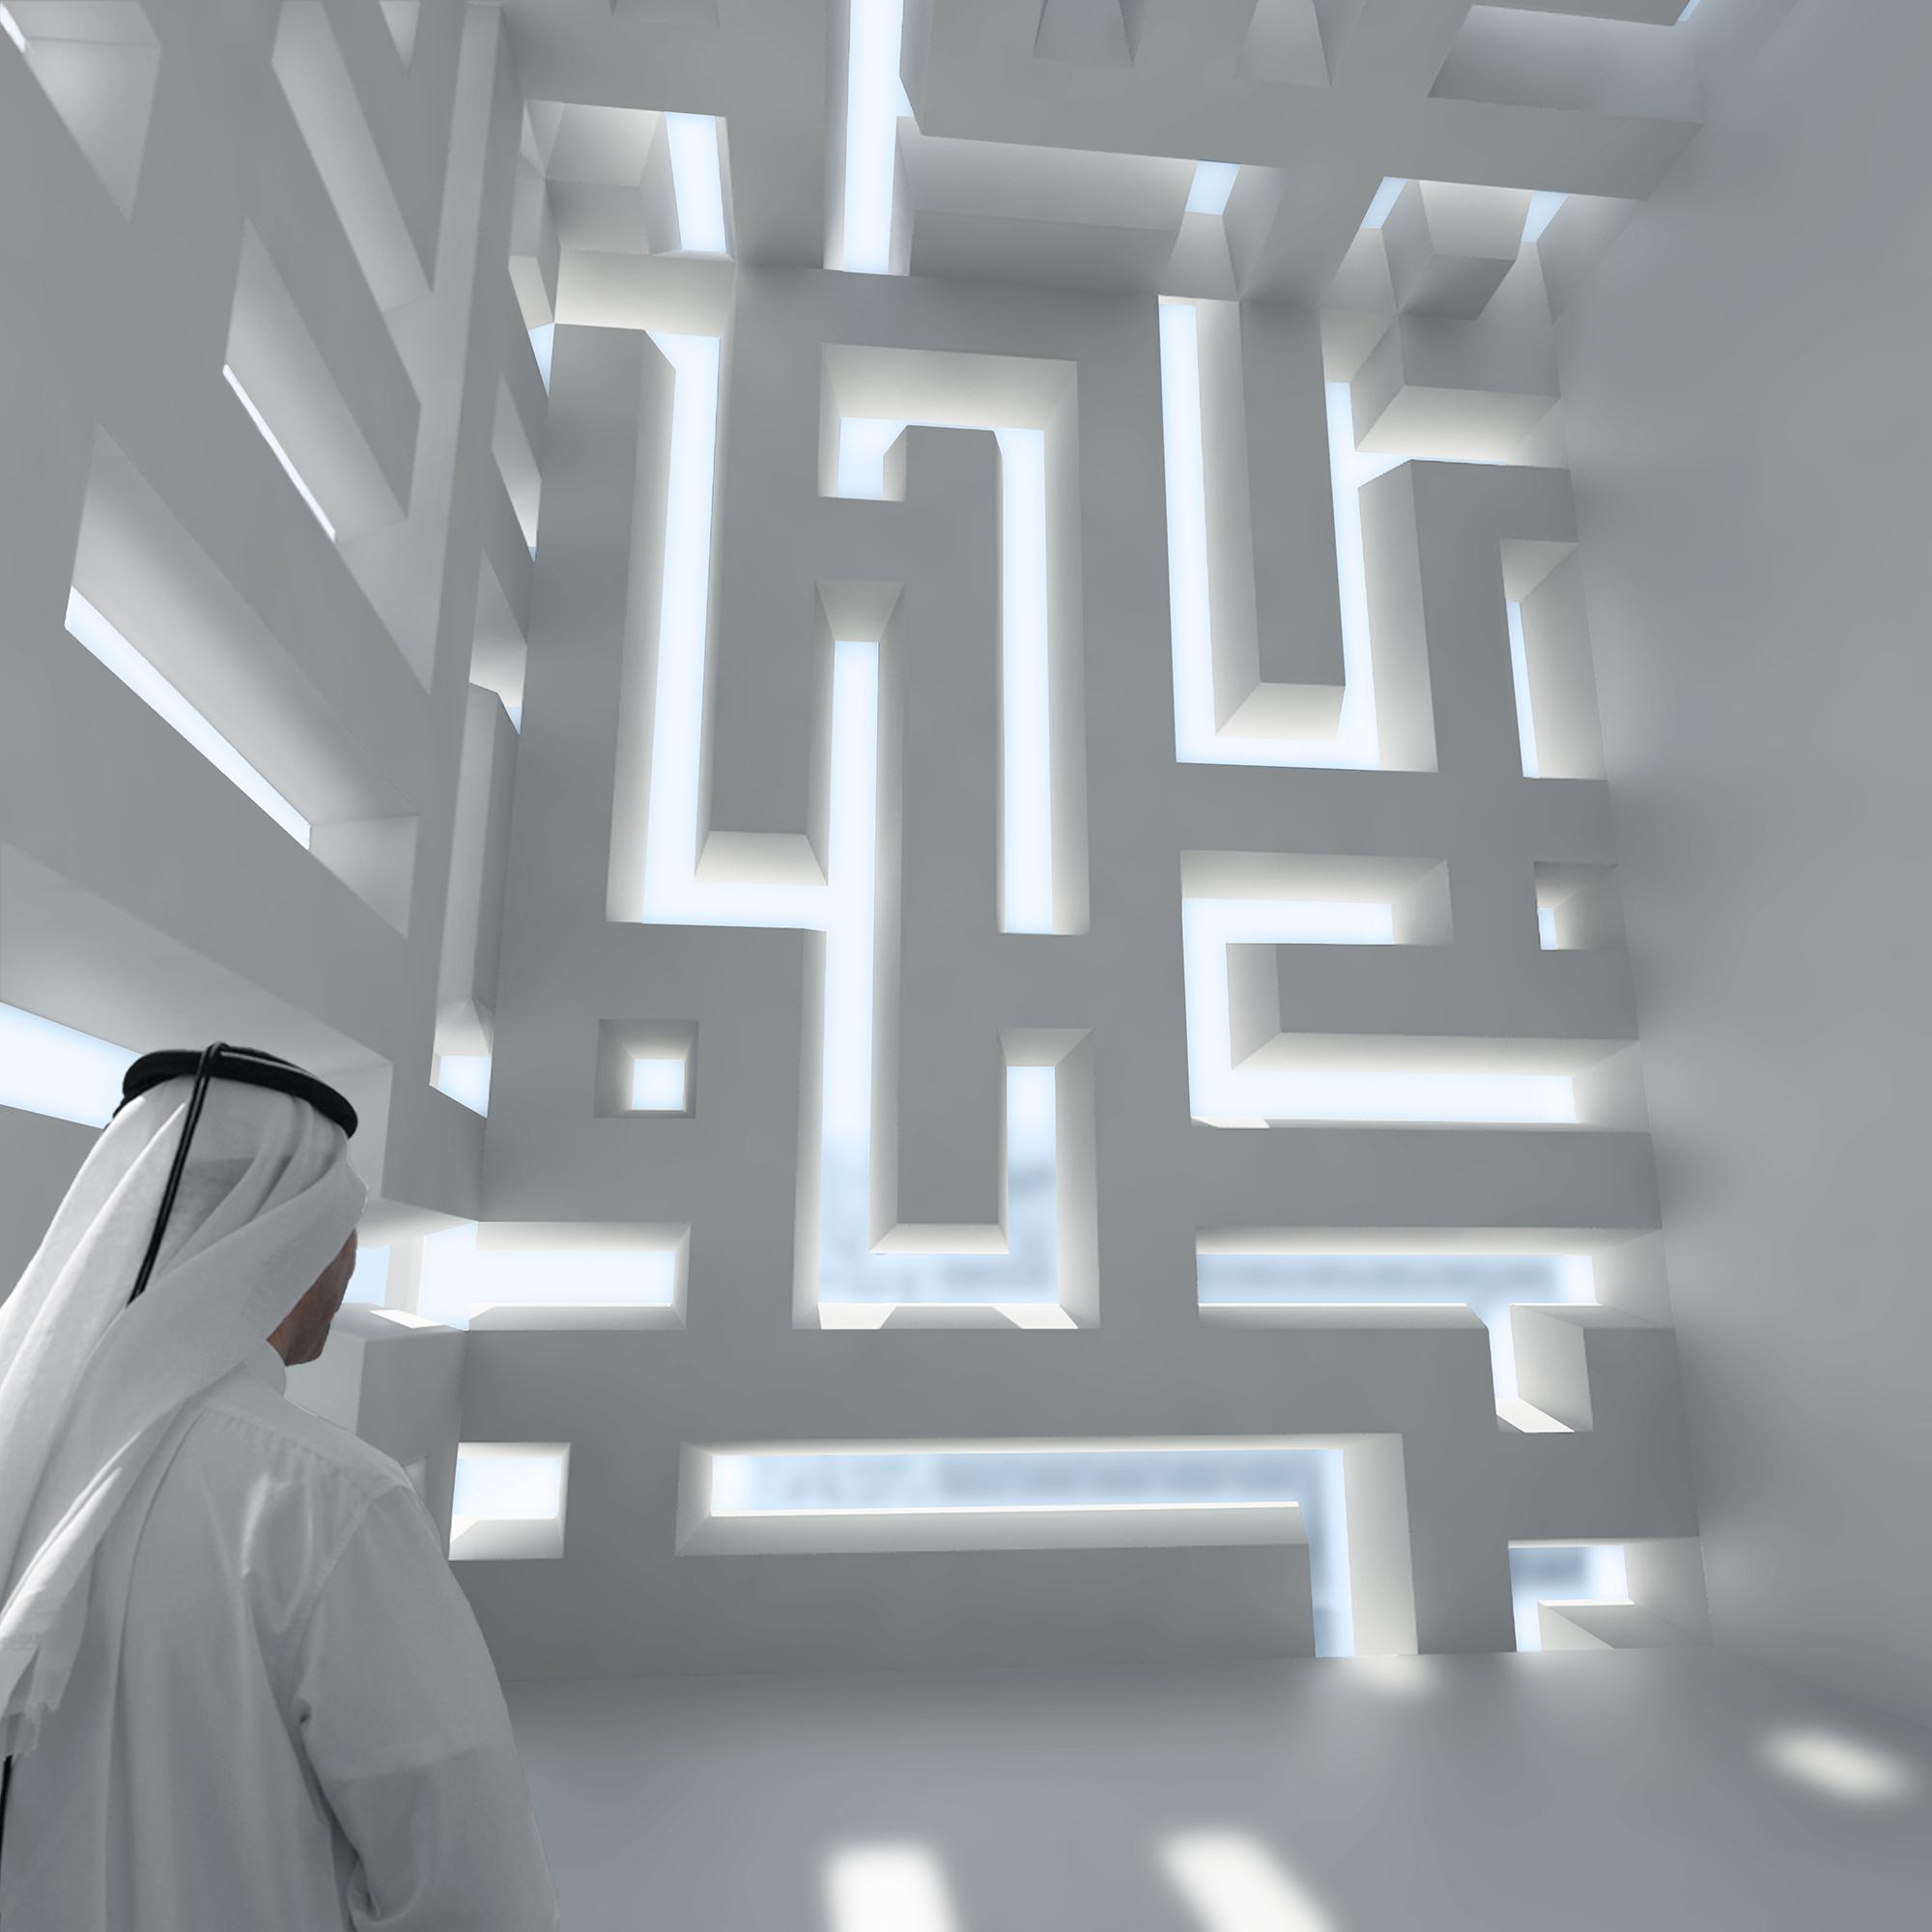 15_Qatar Foundation.jpg